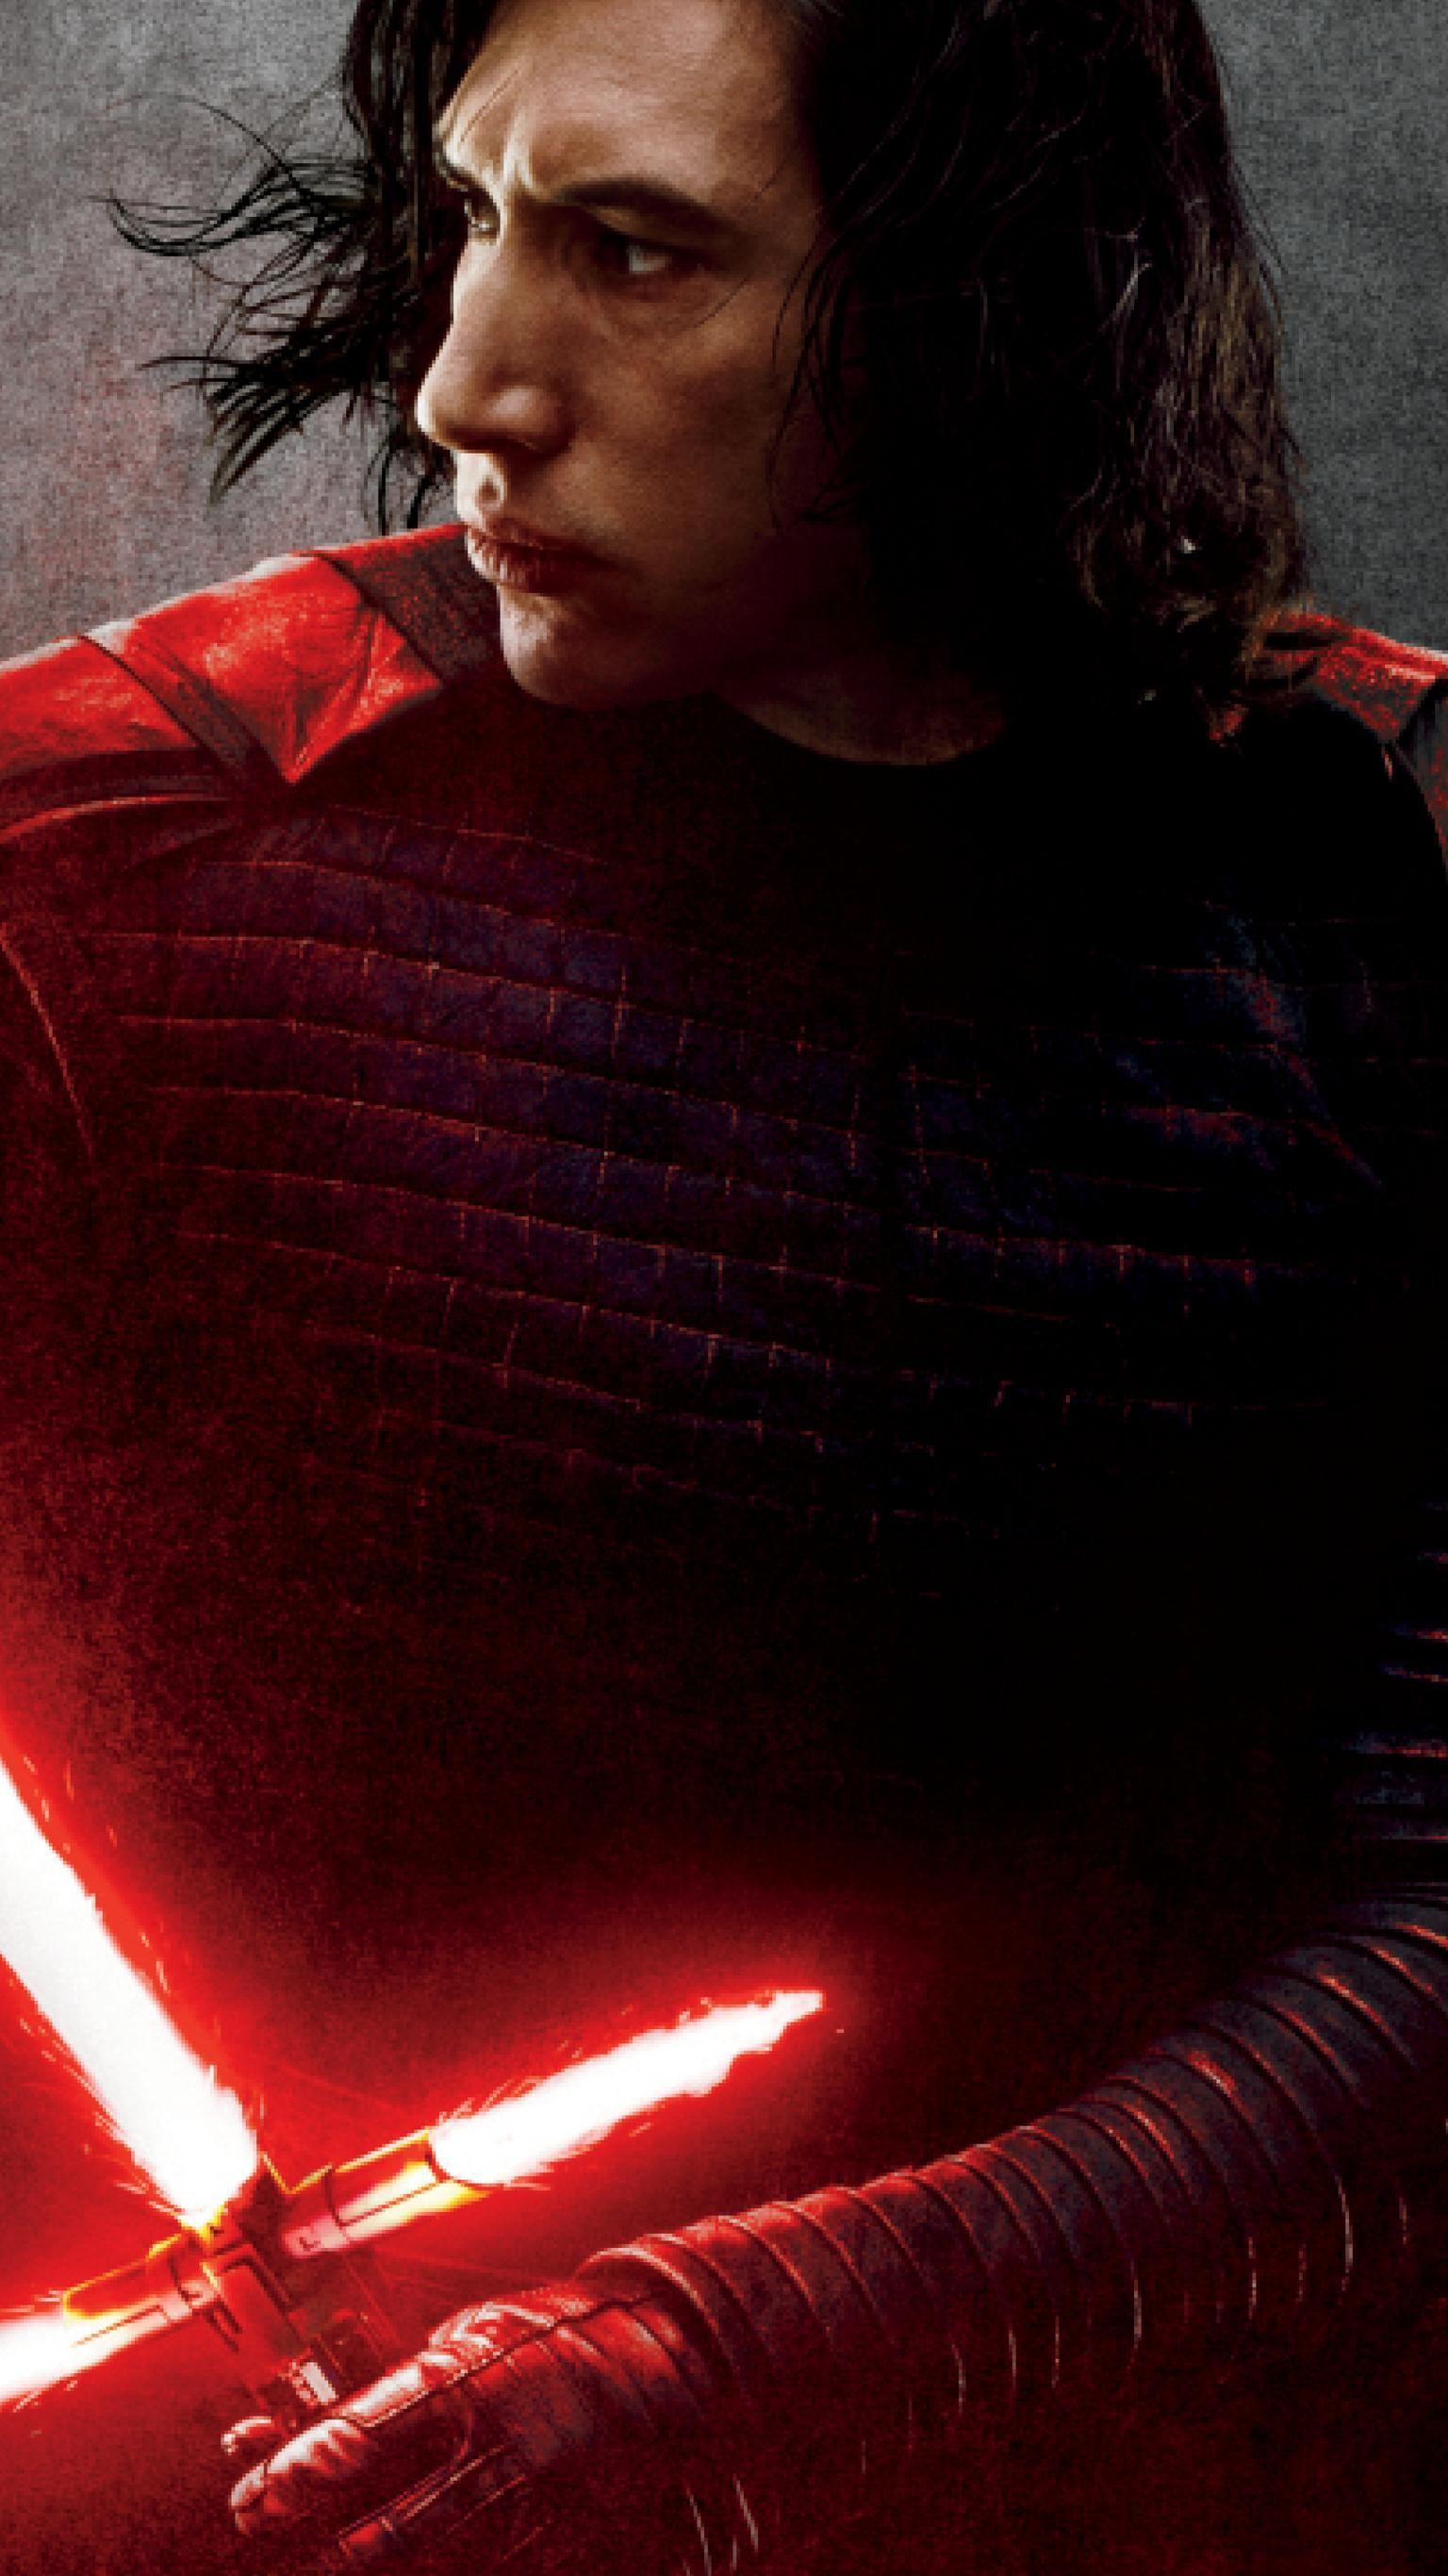 Star Wars The Last Jedi 2017 Phone Wallpaper Moviemania Ren Star Wars Star Wars Memes Star Wars Movie